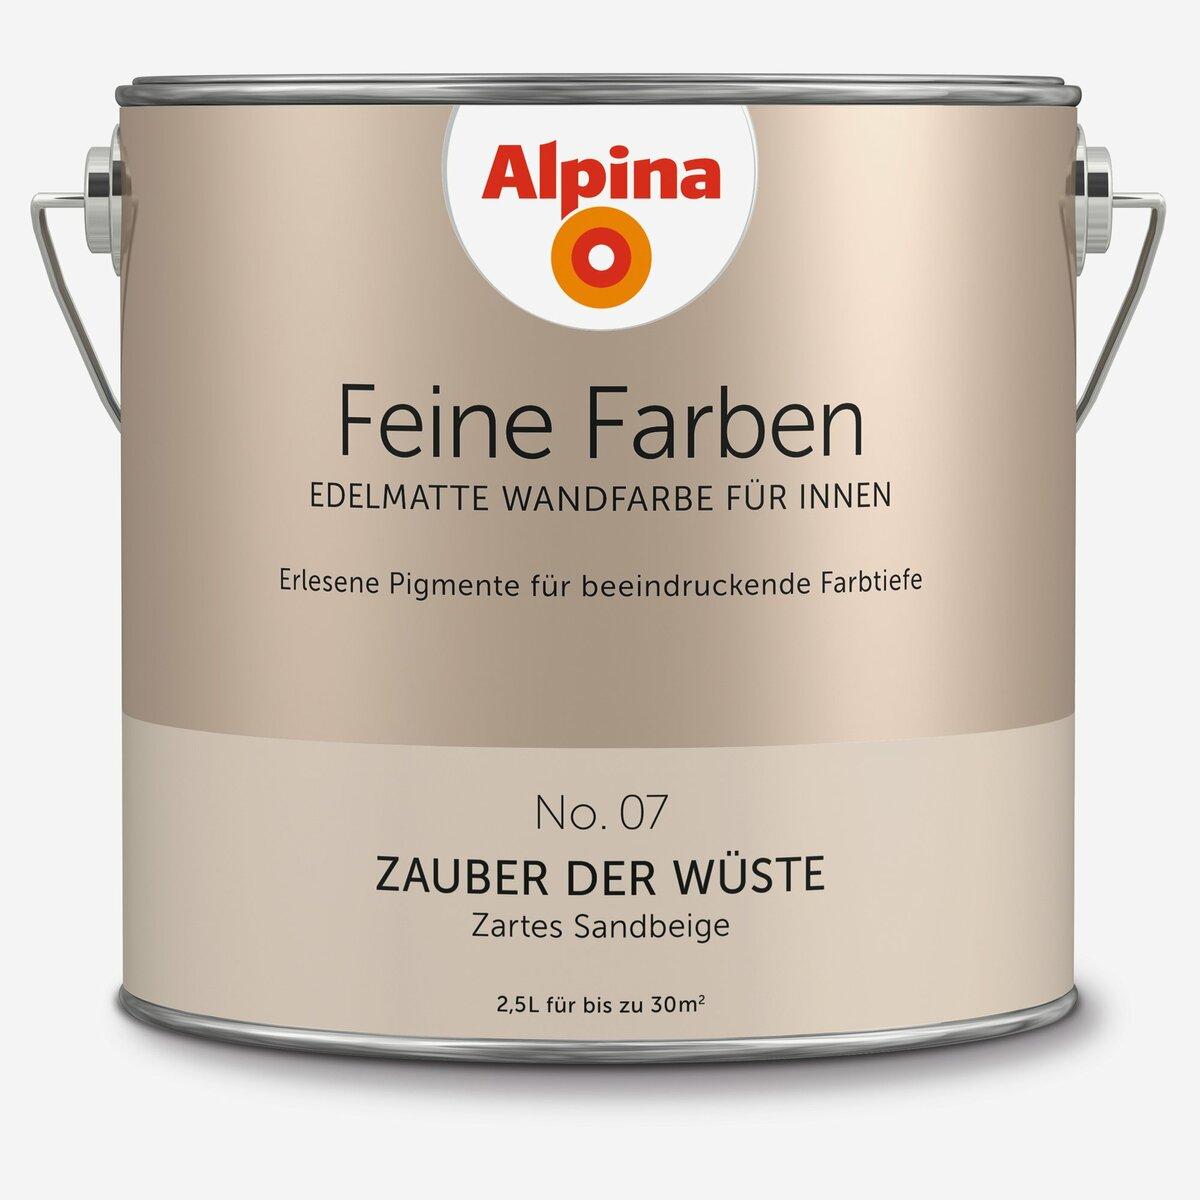 Bild 1 von Alpina -              Alpina Wandfarbe 'Feine Farben' No. 07 'Zauber der Wüste', sandbeige, 2,5 l